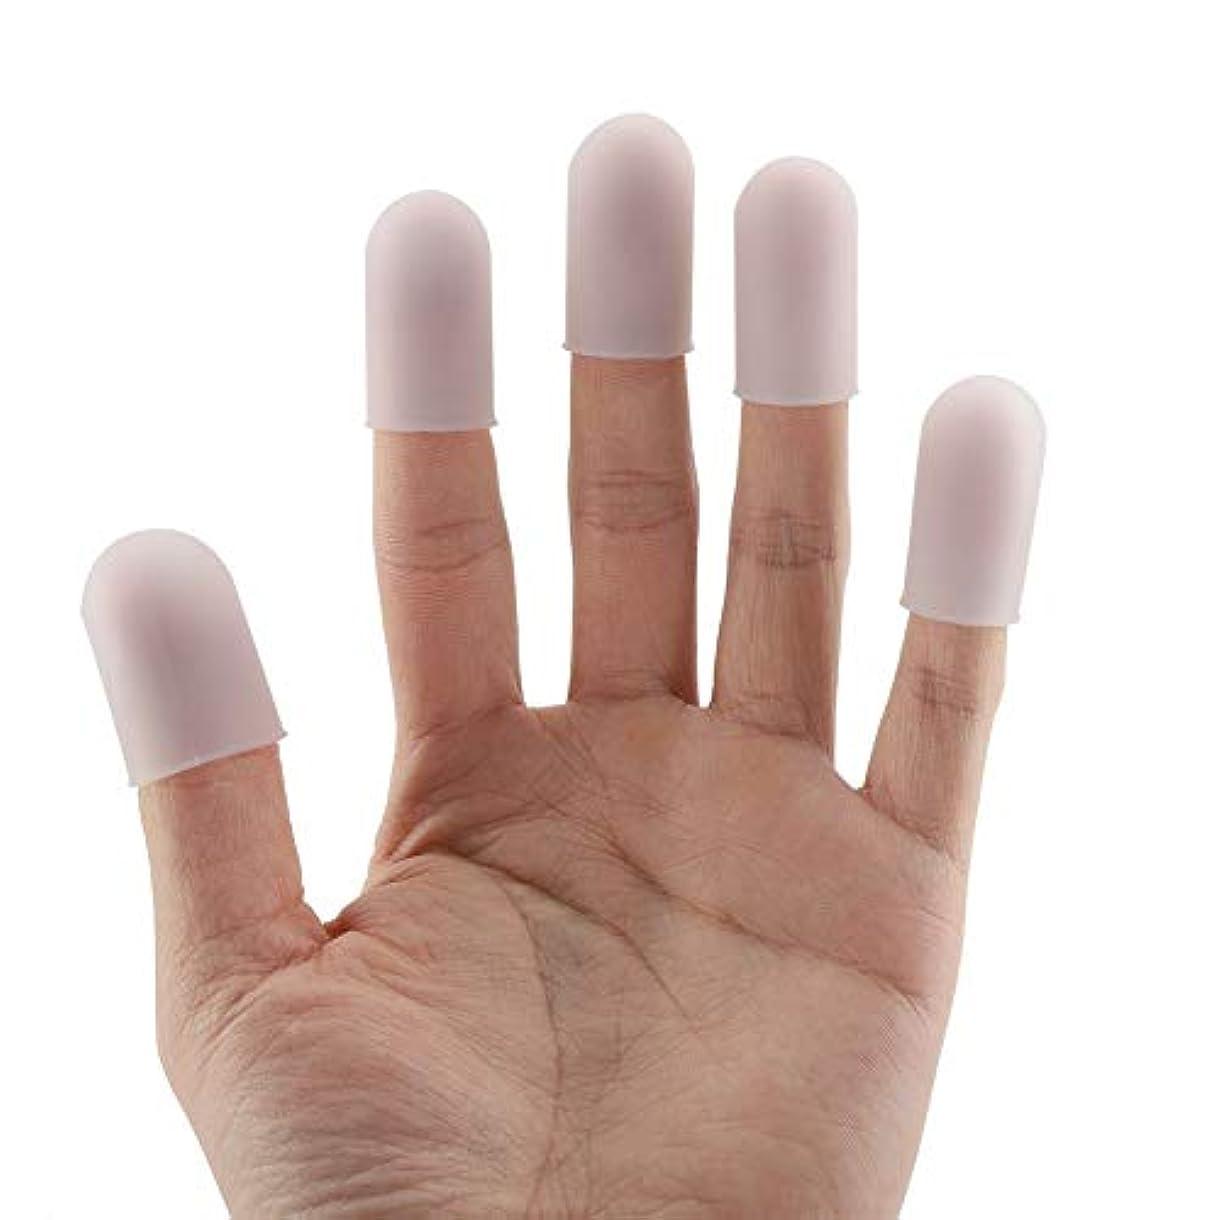 繁殖ウェイトレスお酒SoarUp 親指プロテクター 調理用指先カバー 指先カバー 食品用シリコーン製 再使用可能 コンパクト 幅広い用途 5個